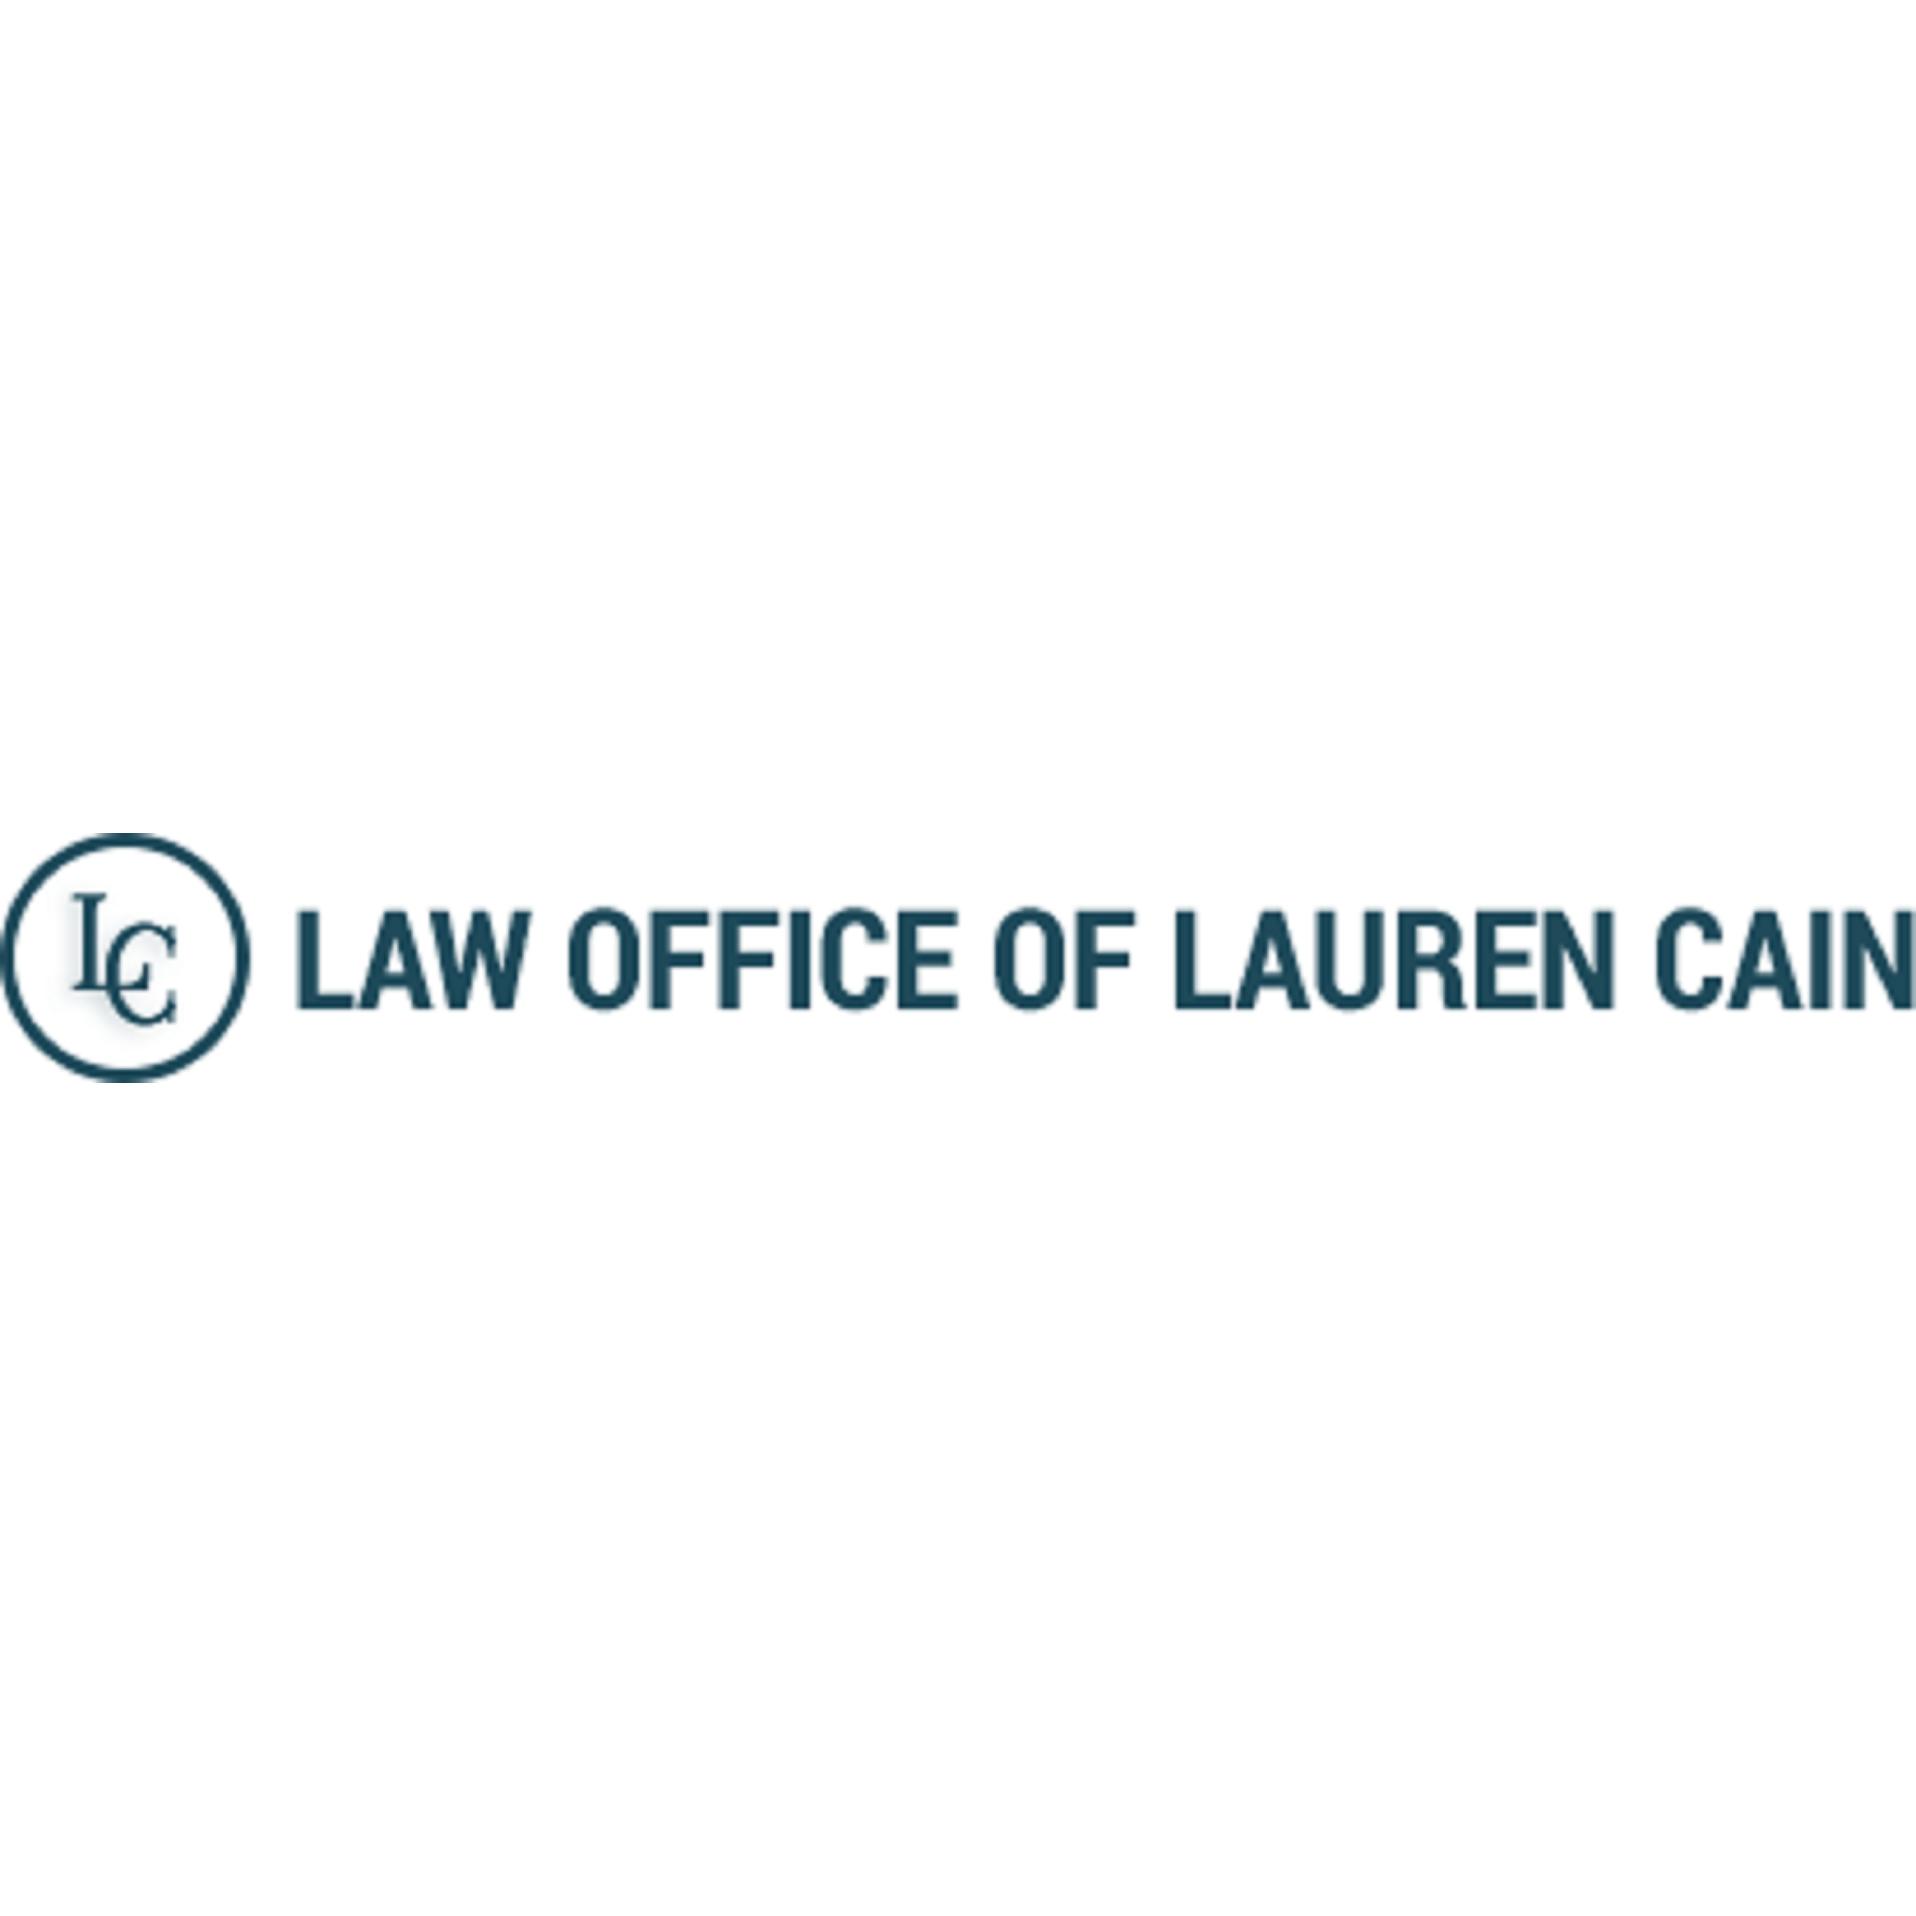 Lauren Cain